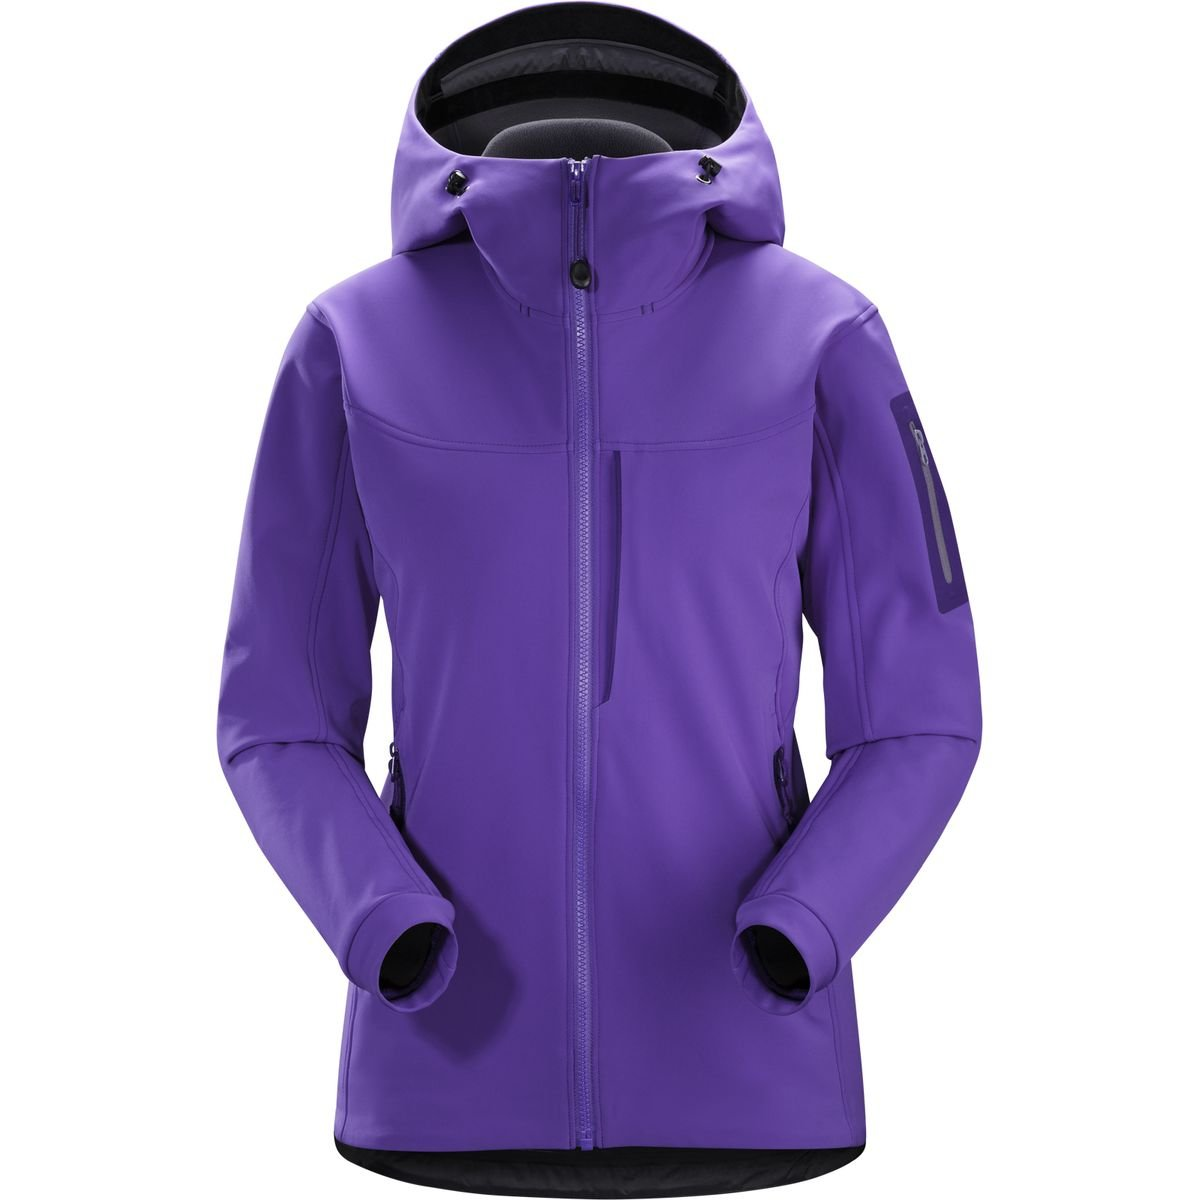 (アークテリクス) Arc'teryx Gamma MX Hooded Softshell Jacket Women's メンズ ジャケットDahlia [並行輸入品] B078RJDSWB XL|Dahlia Dahlia XL